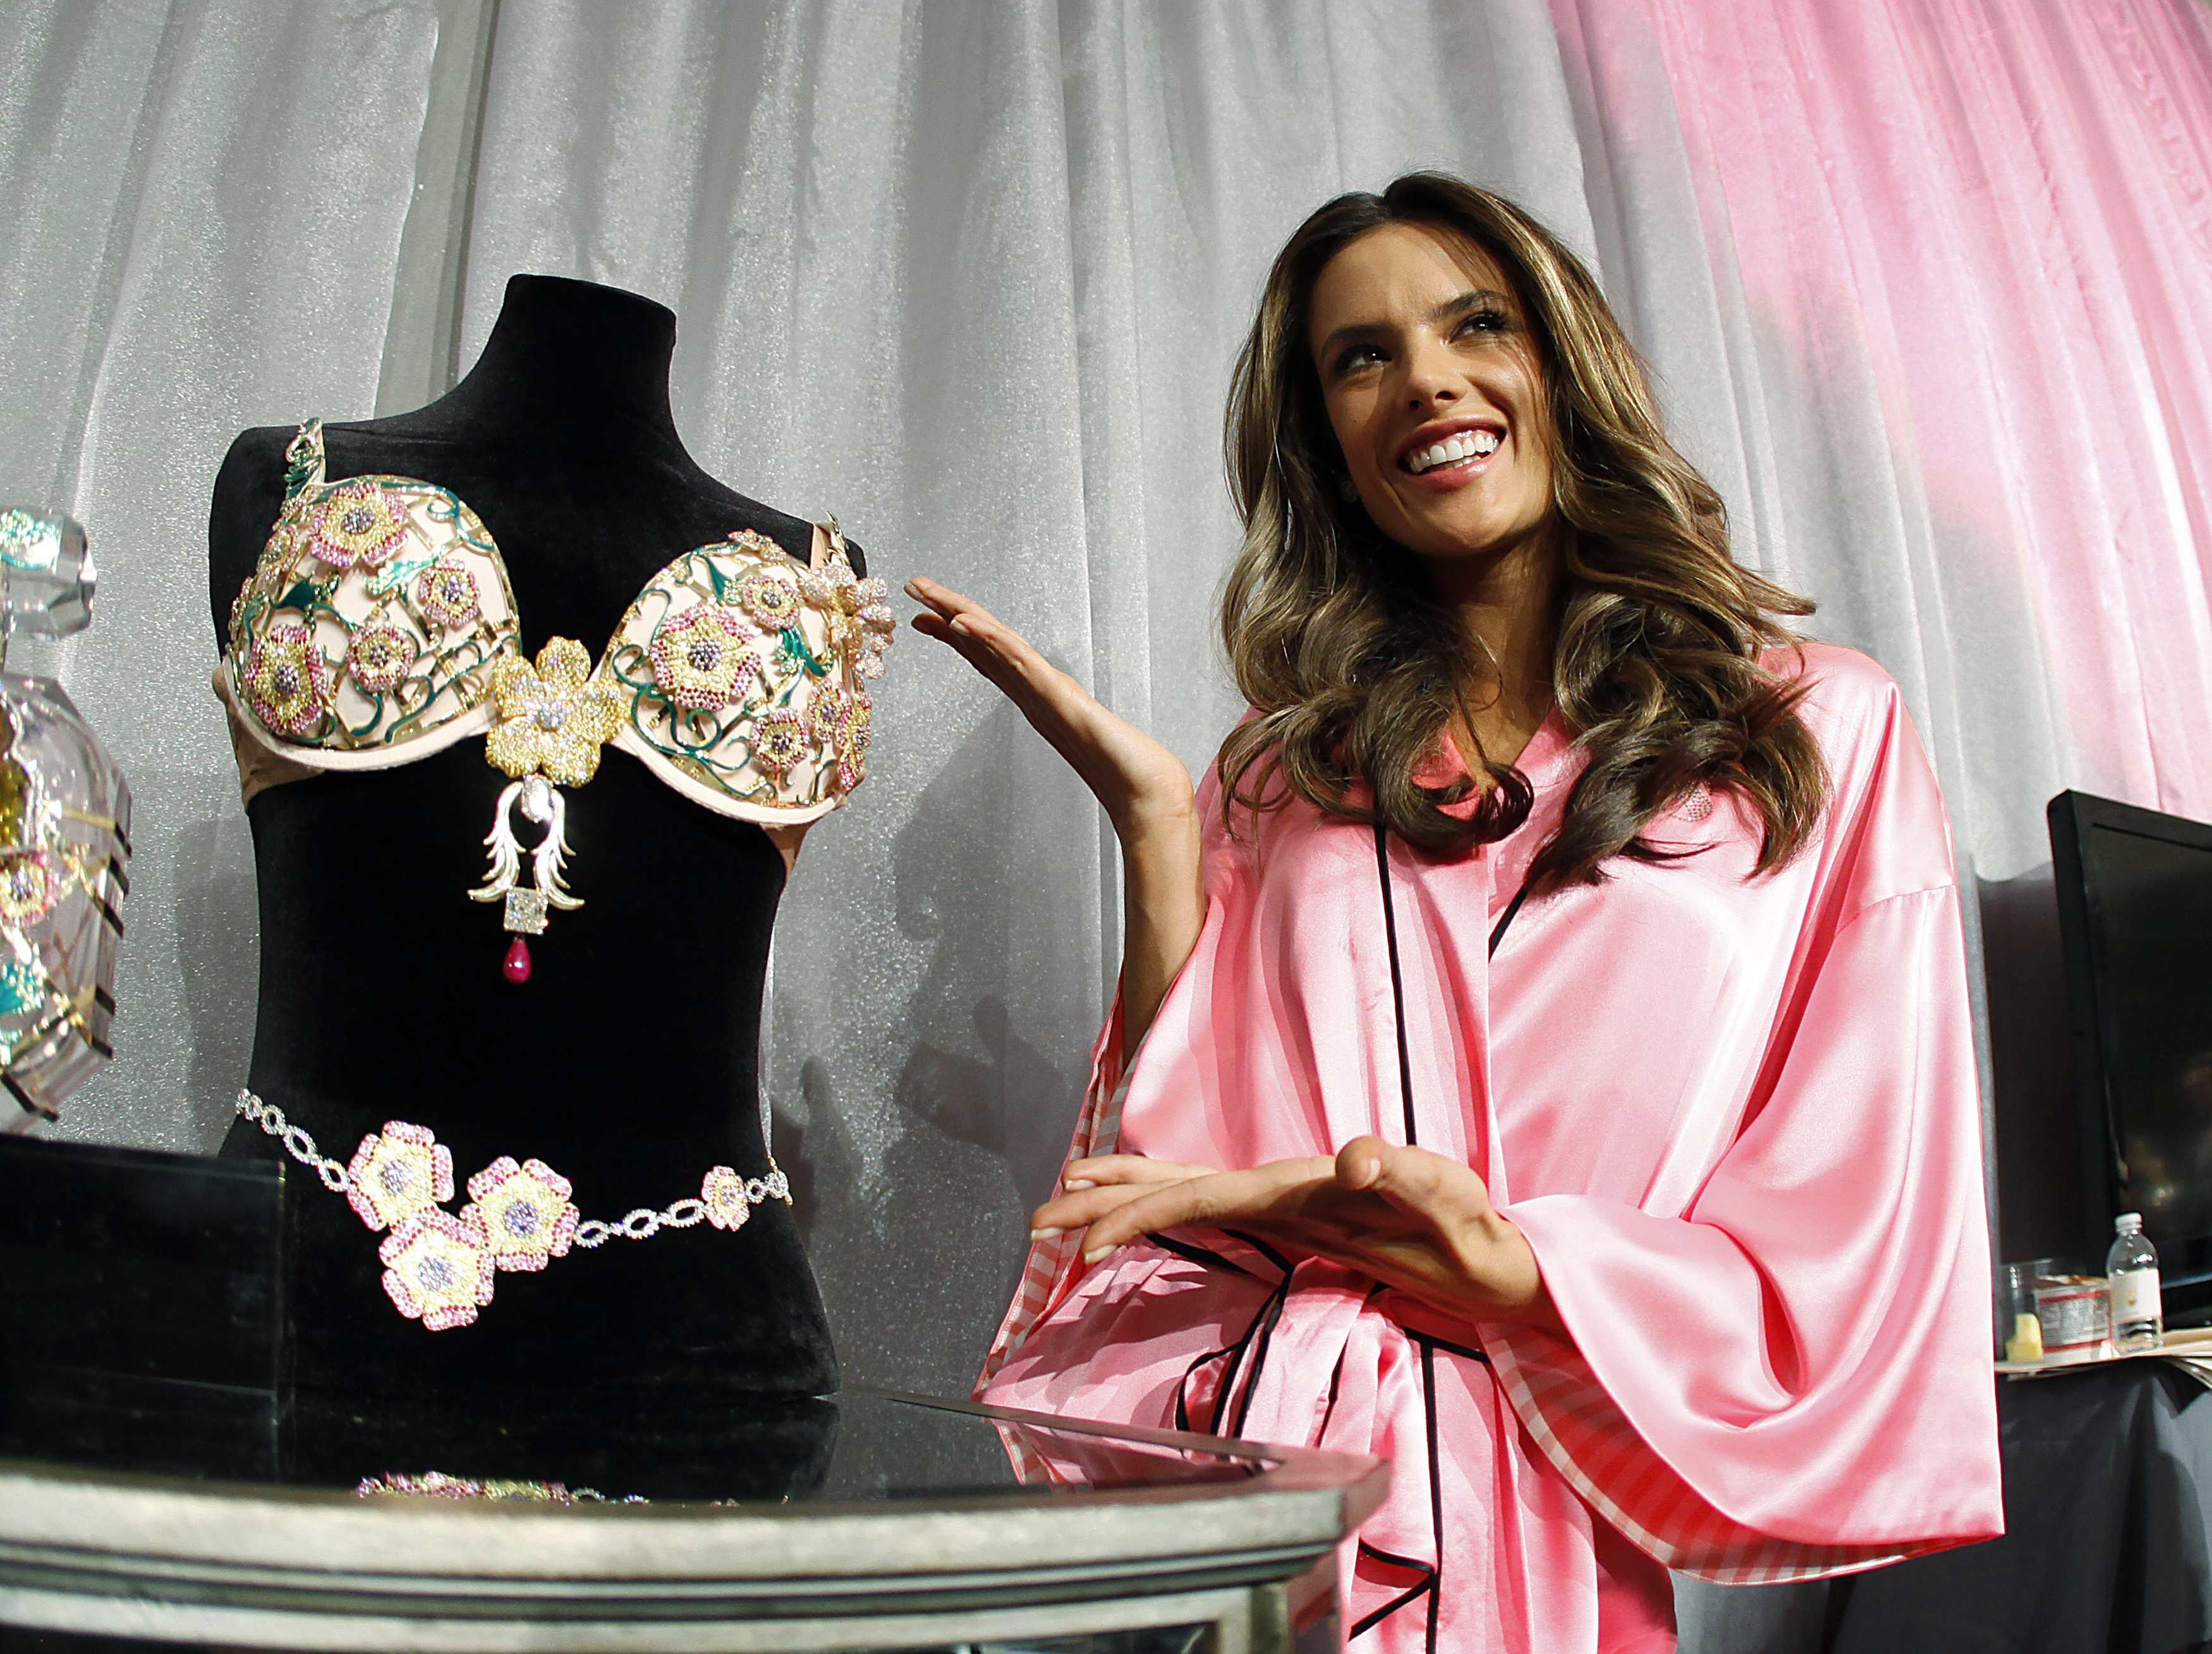 Alessandra Ambrósio posa com o sutiã de R$5 milhões que usará no desfile